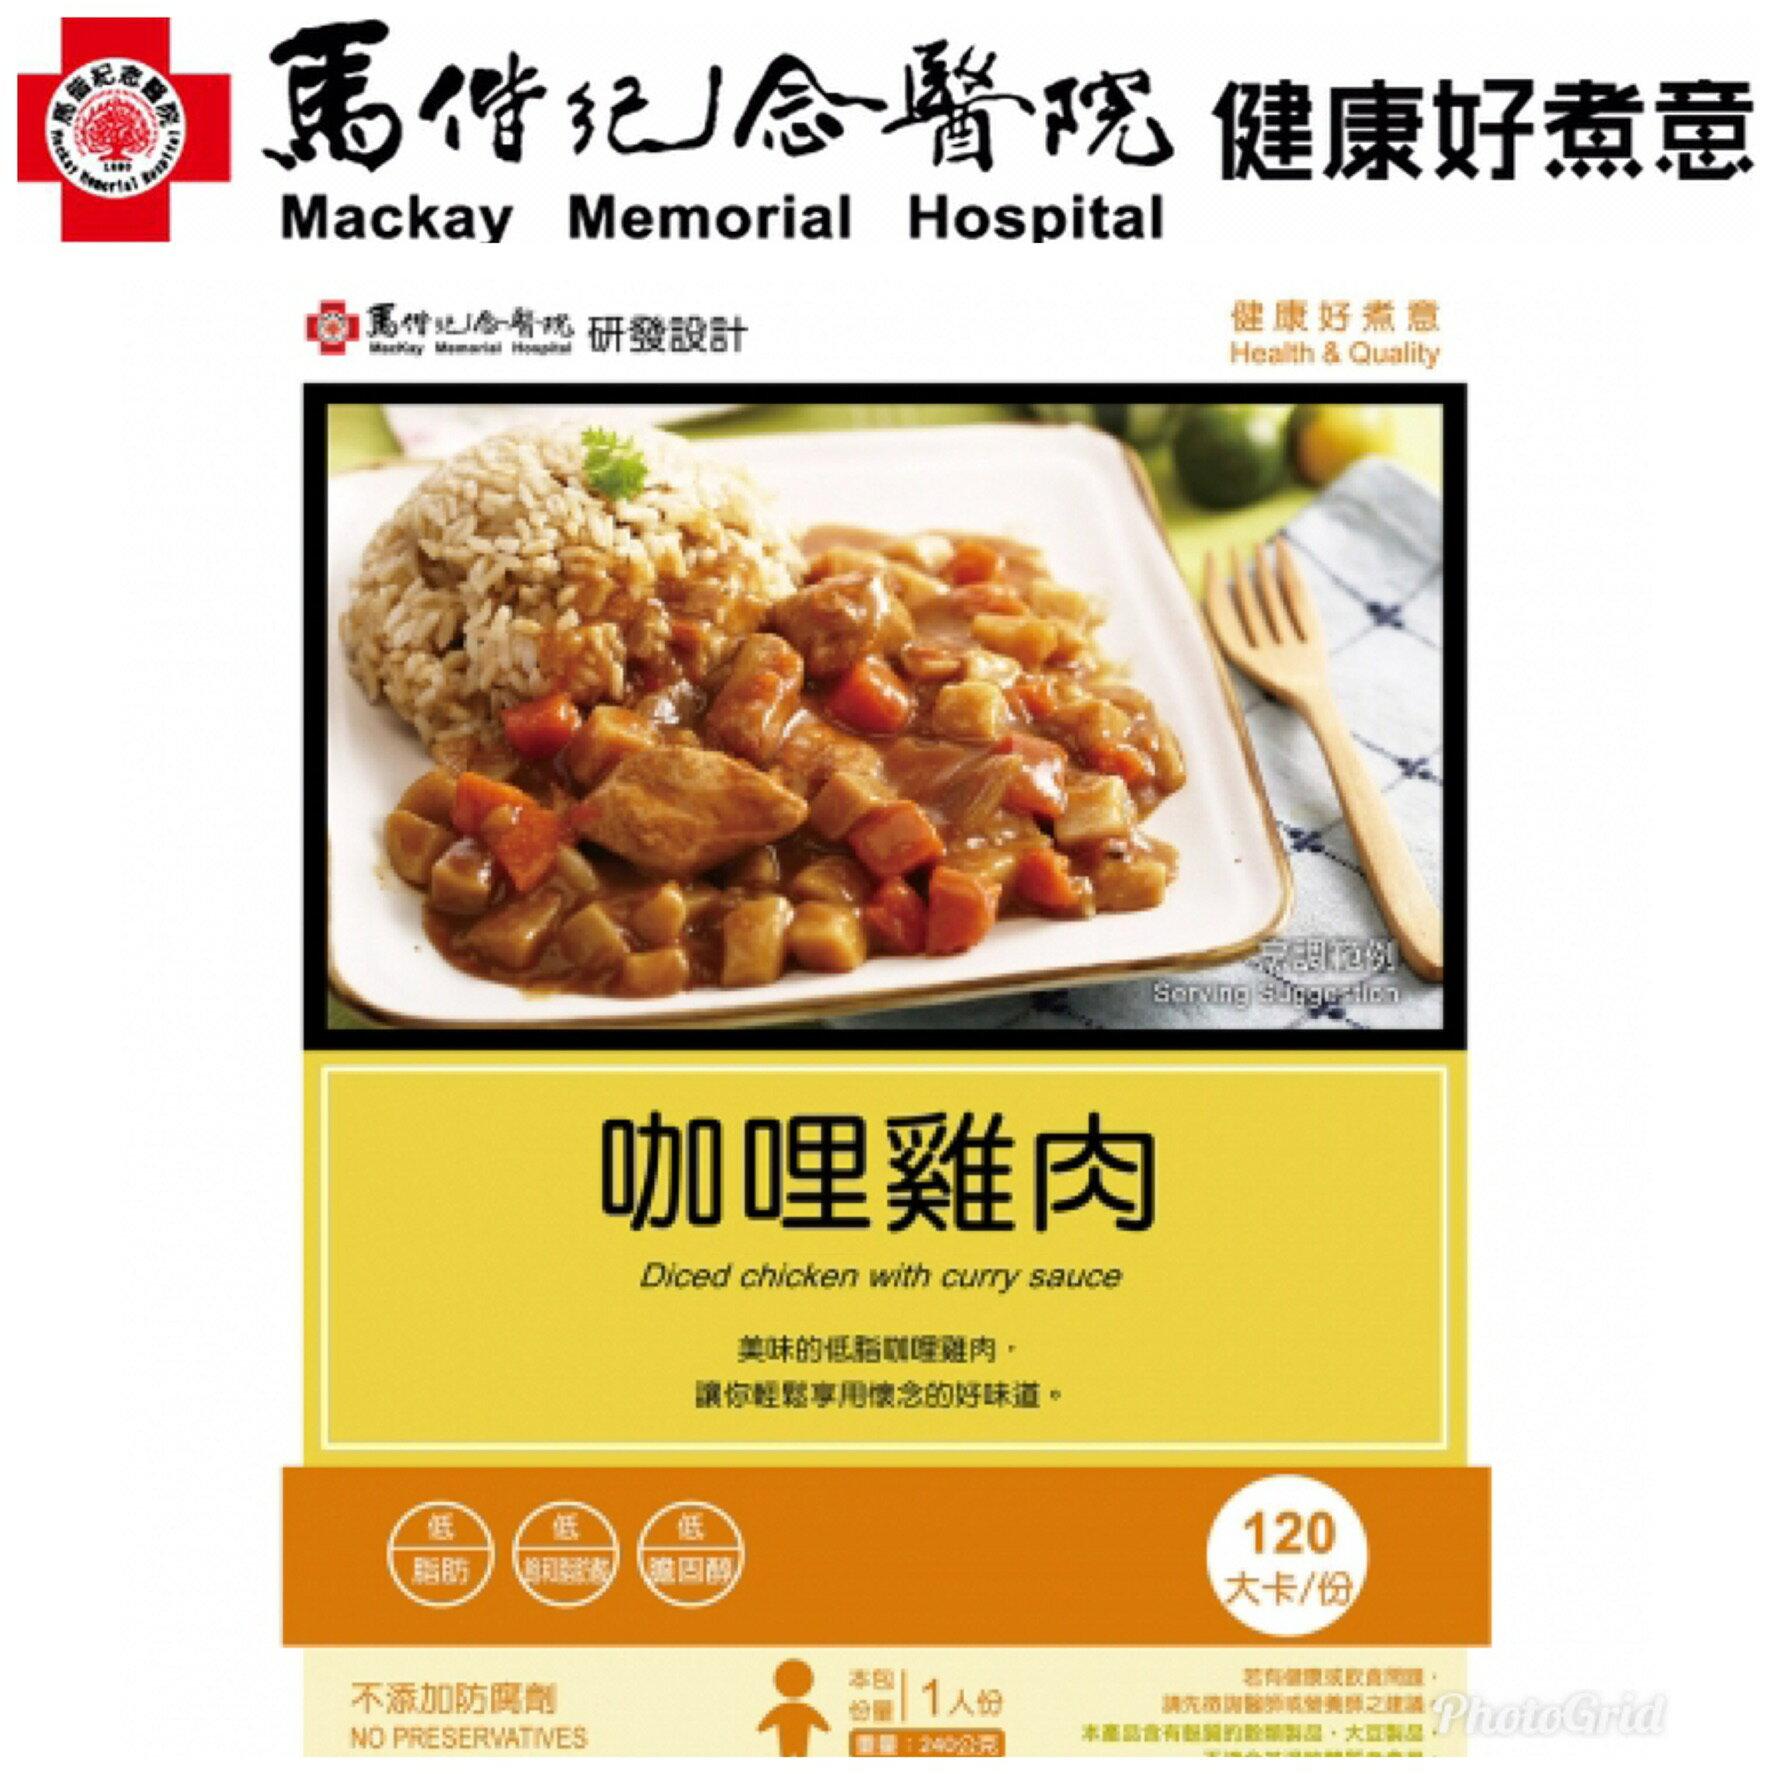 馬偕醫院研發設計低卡調理包(卡路里控制餐)8種口味選擇~現貨供應中